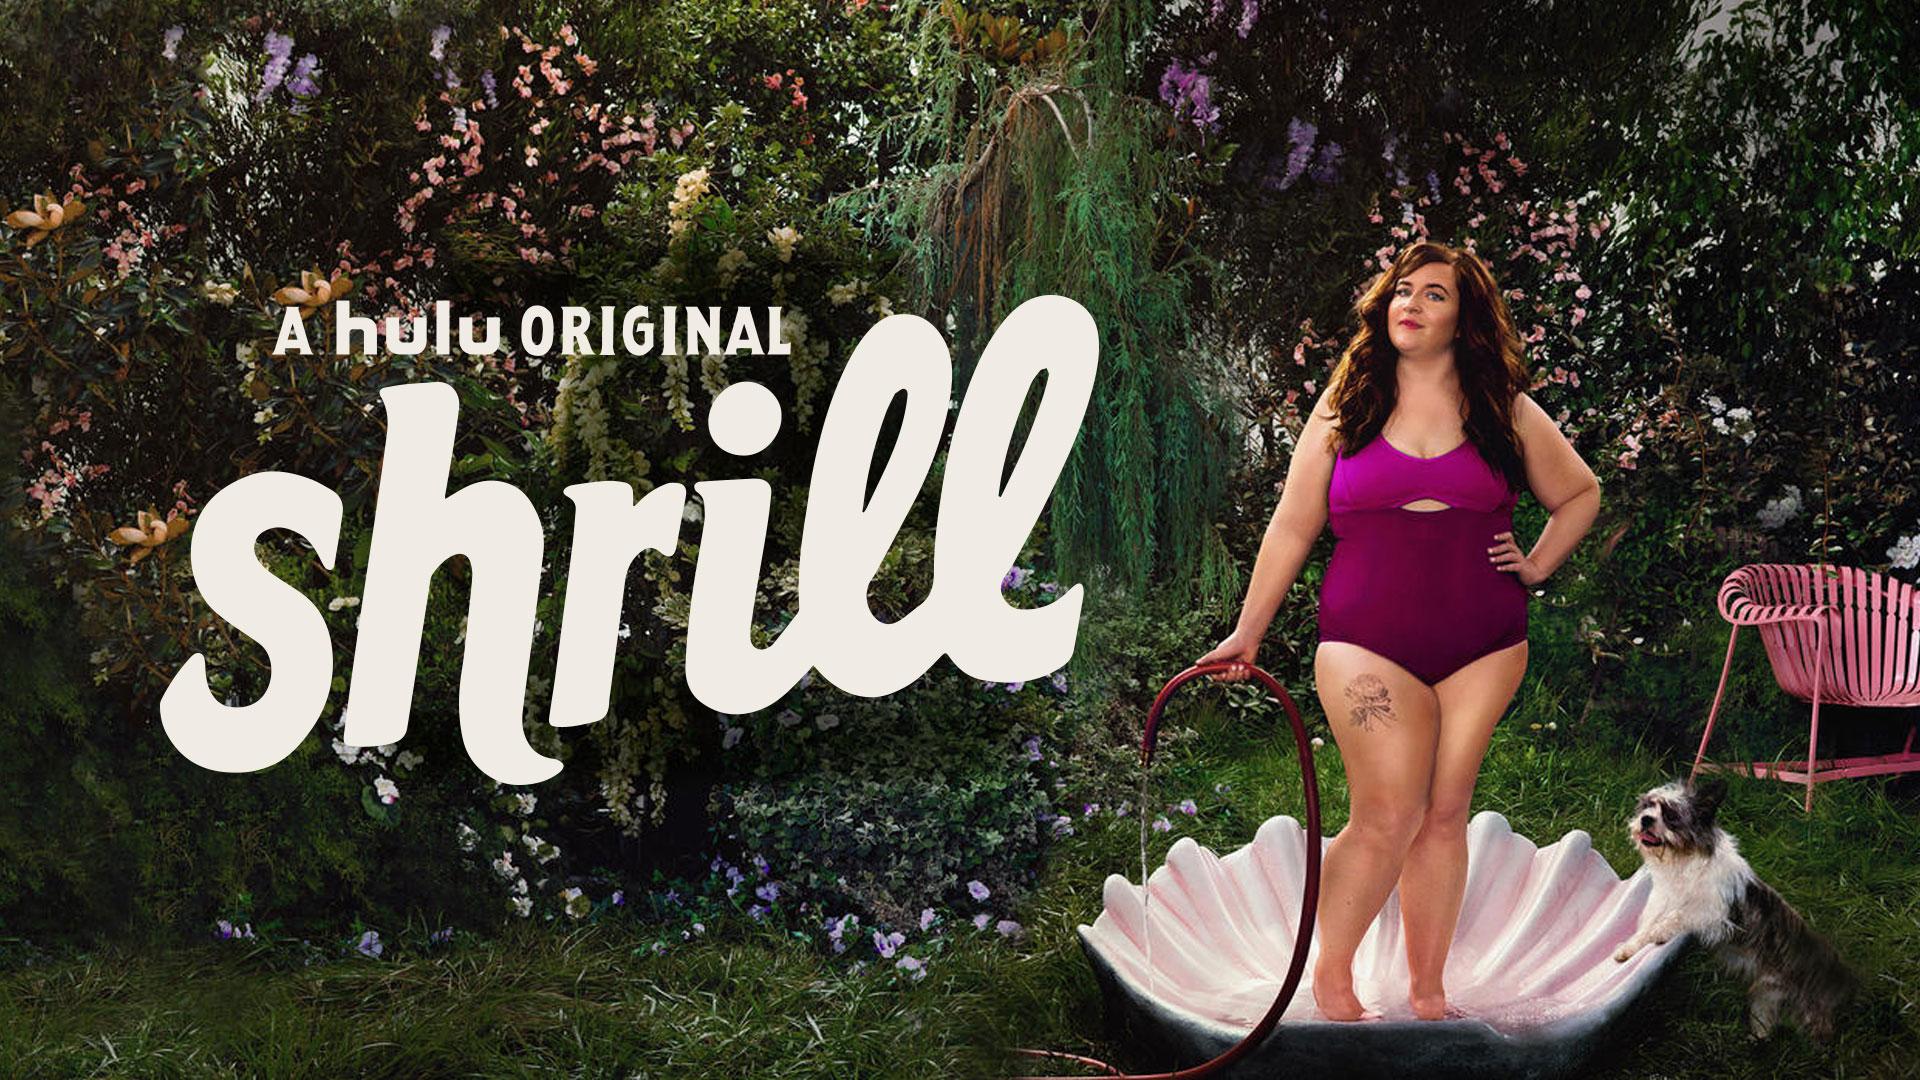 shrill-big